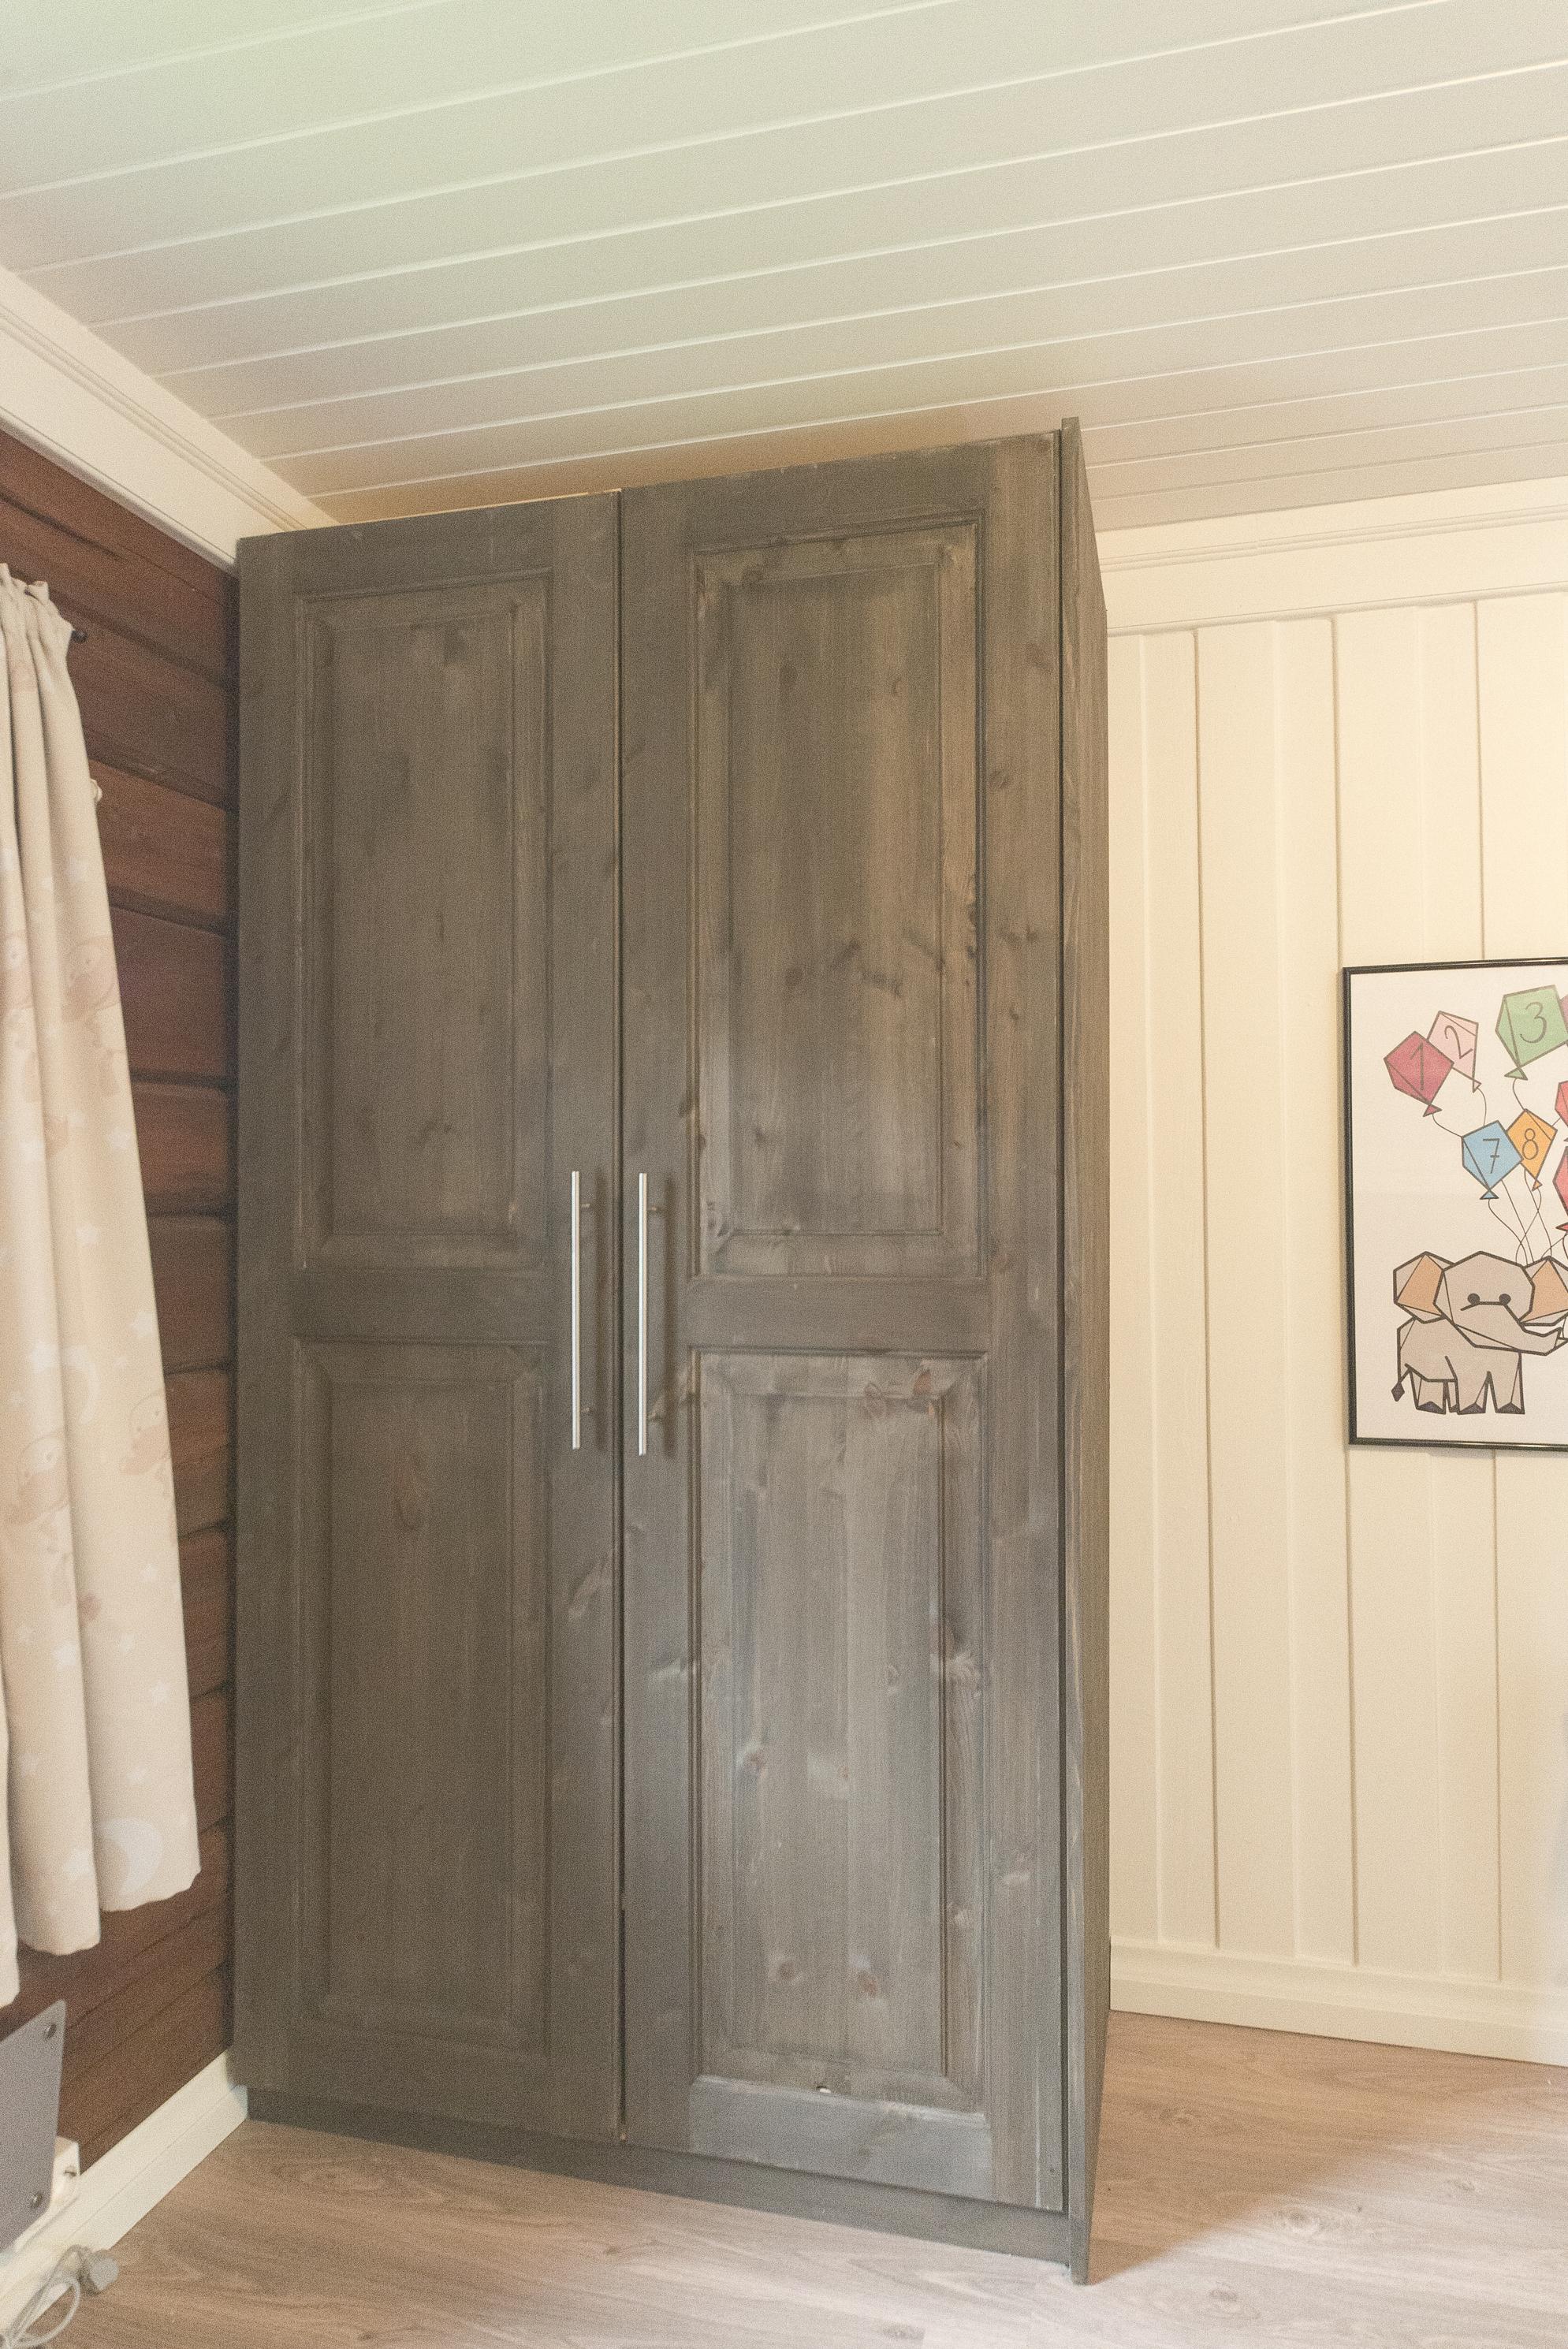 Garderobeskap på barnerommet, med beis som viser trestrukturen.